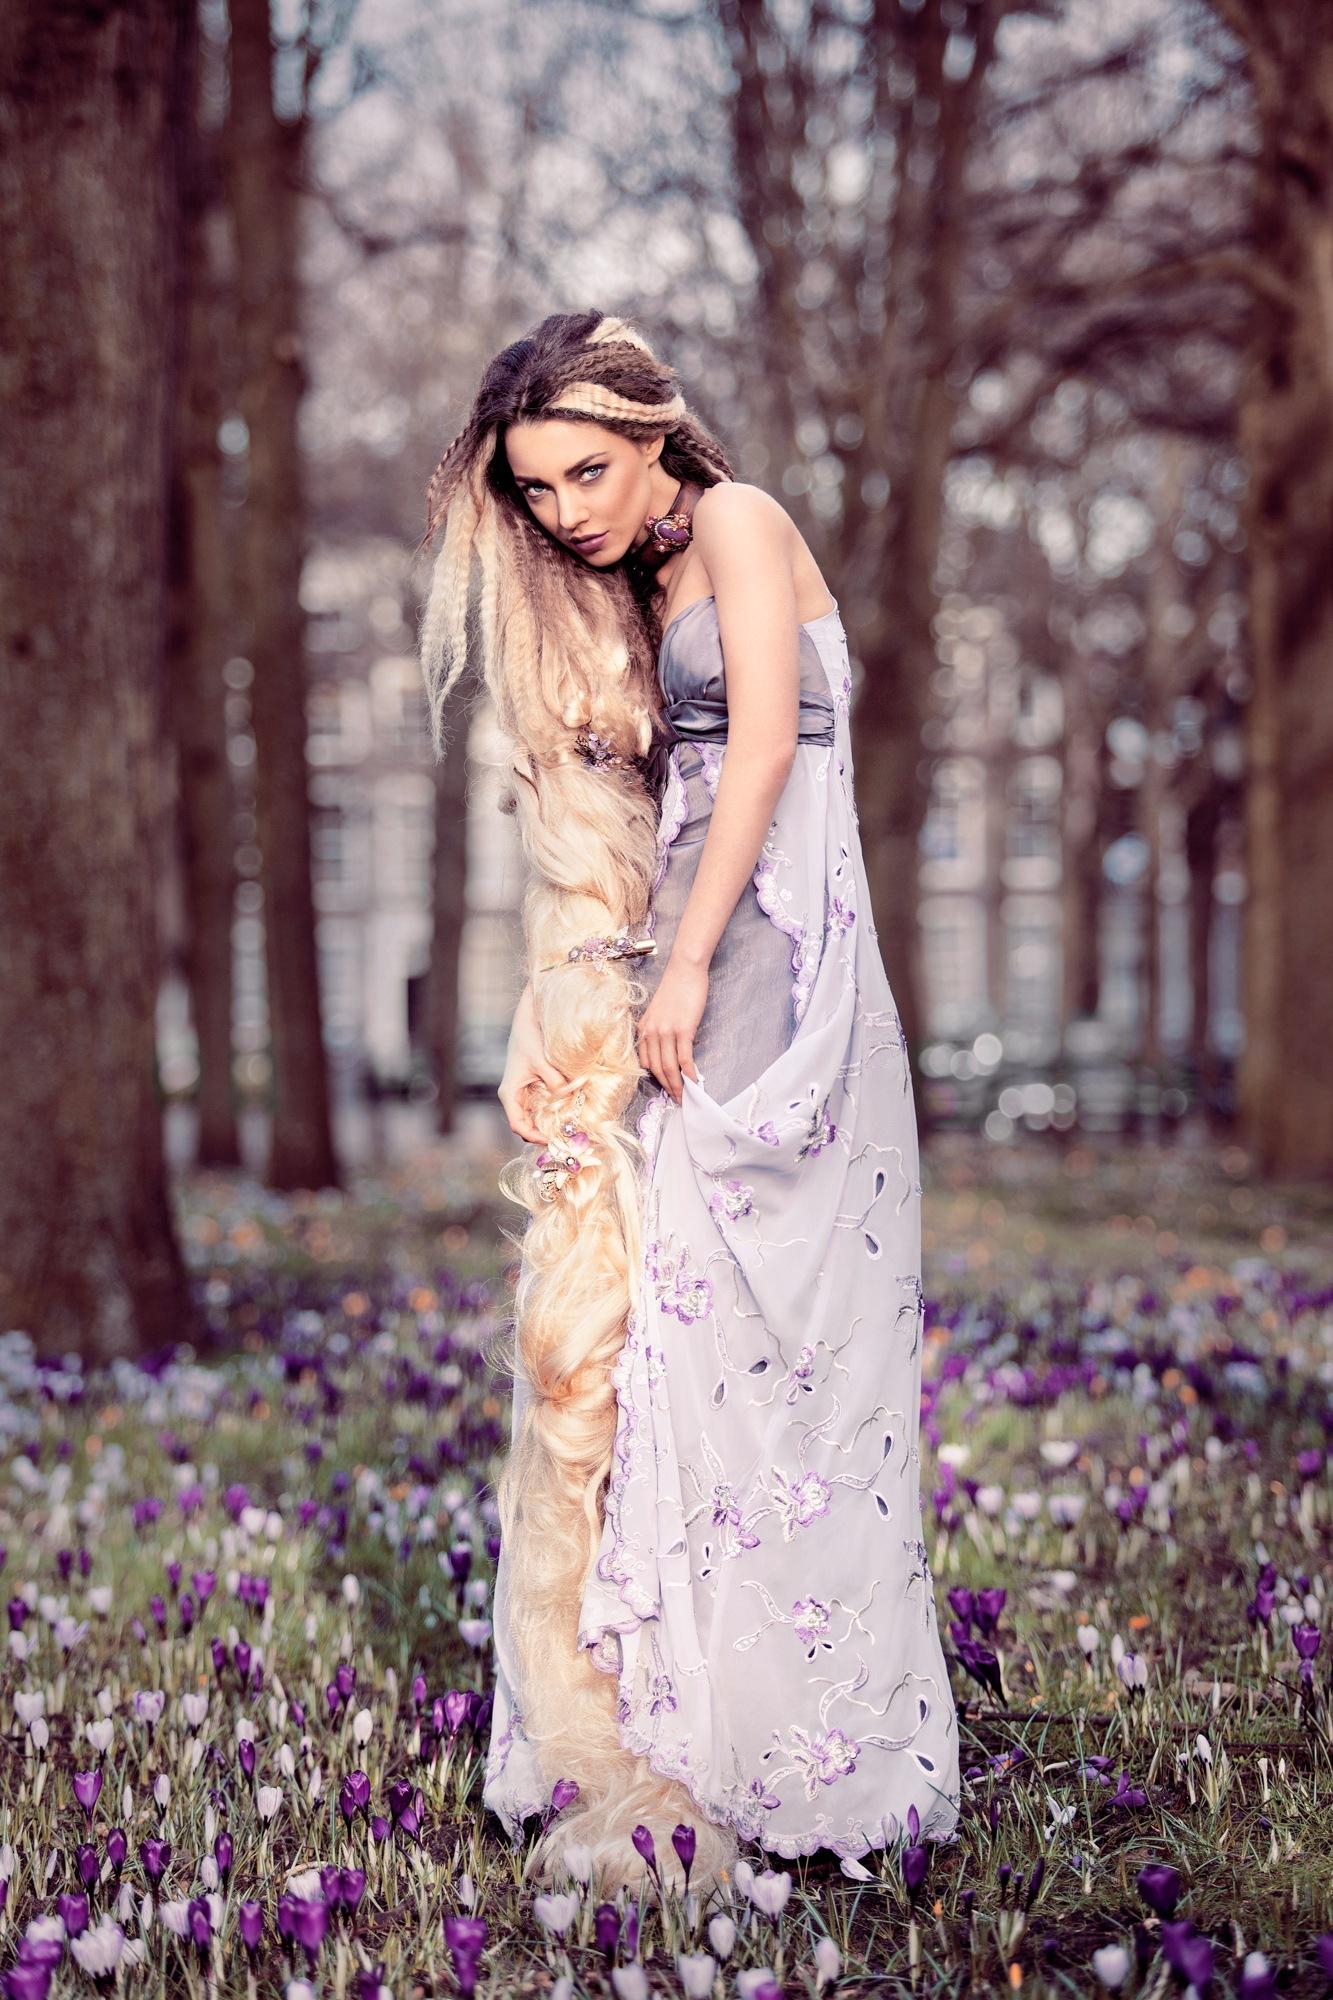 Elegant Fairytale Rapunzel 1 - William Setiawan-williamsetiawan